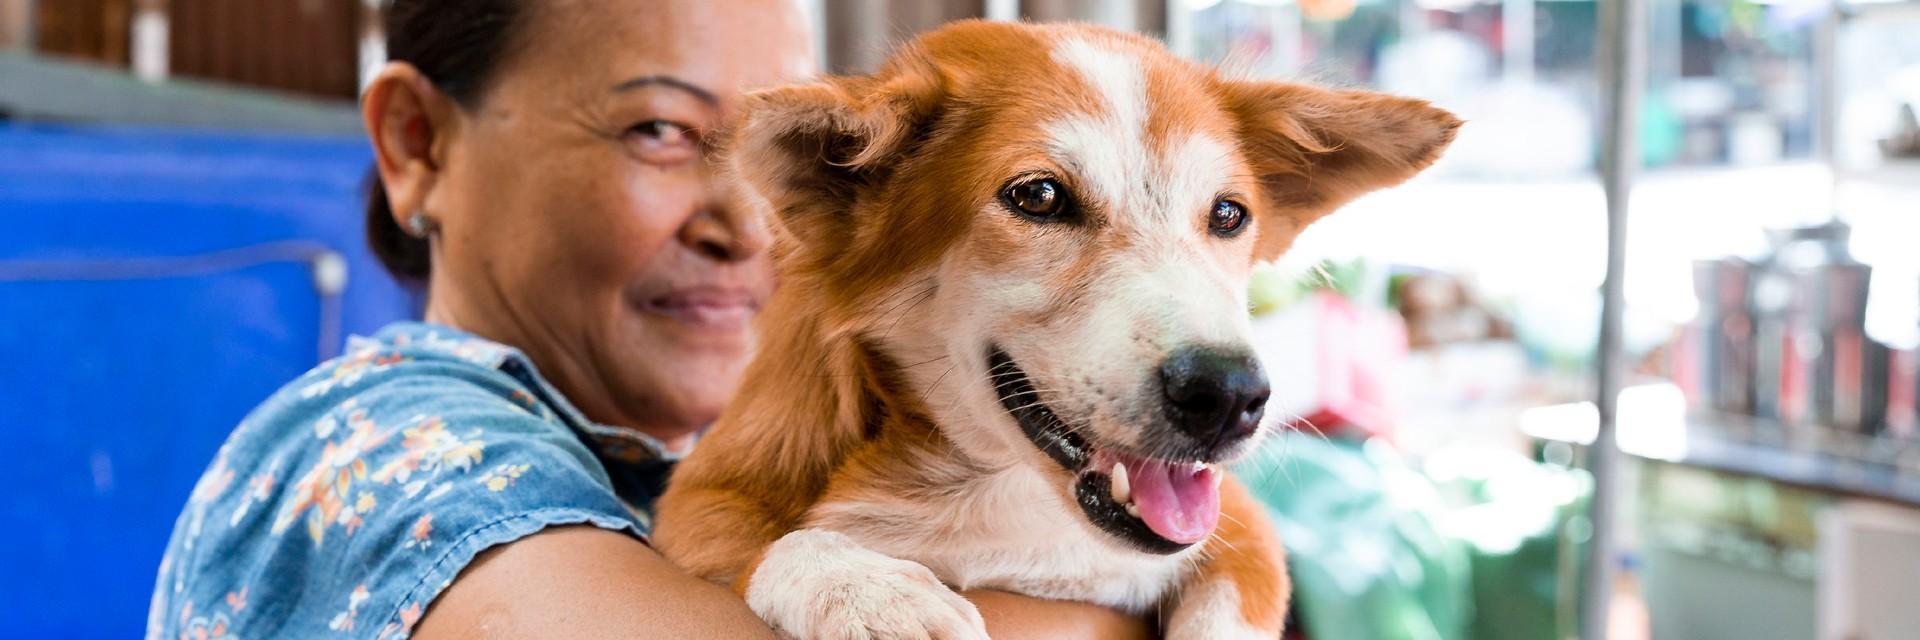 Koop een eerste kado voor een geredde hond of kat